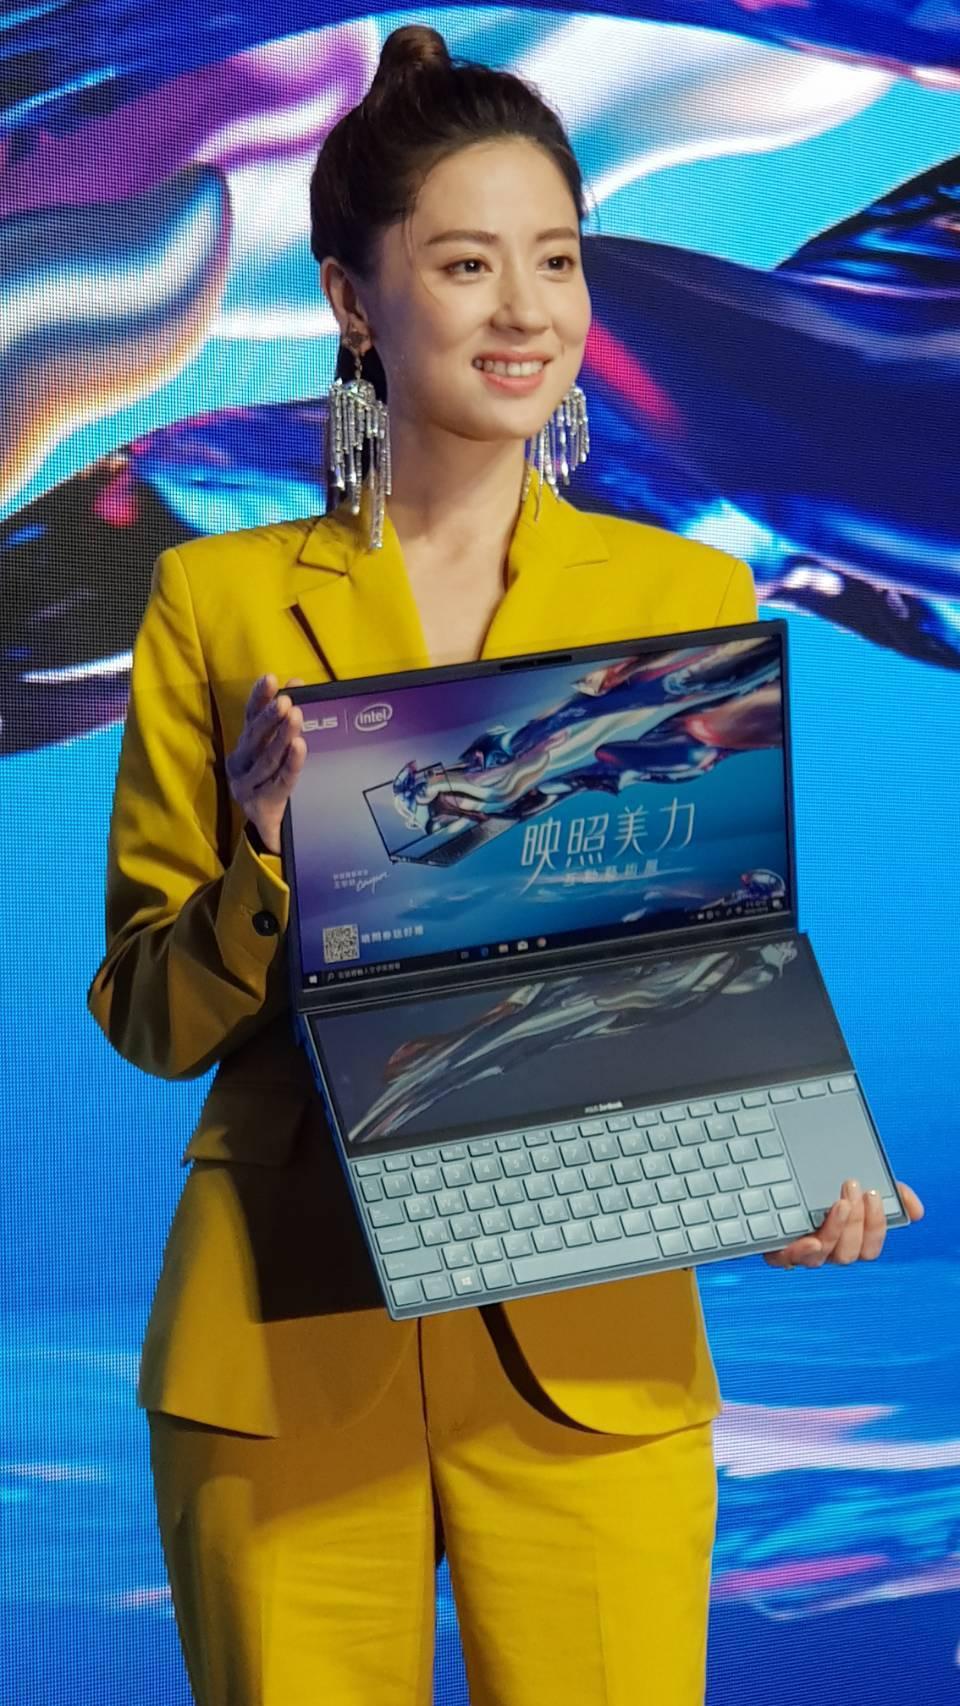 林予晞出席電腦品牌記者會。記者杜沛學/攝影